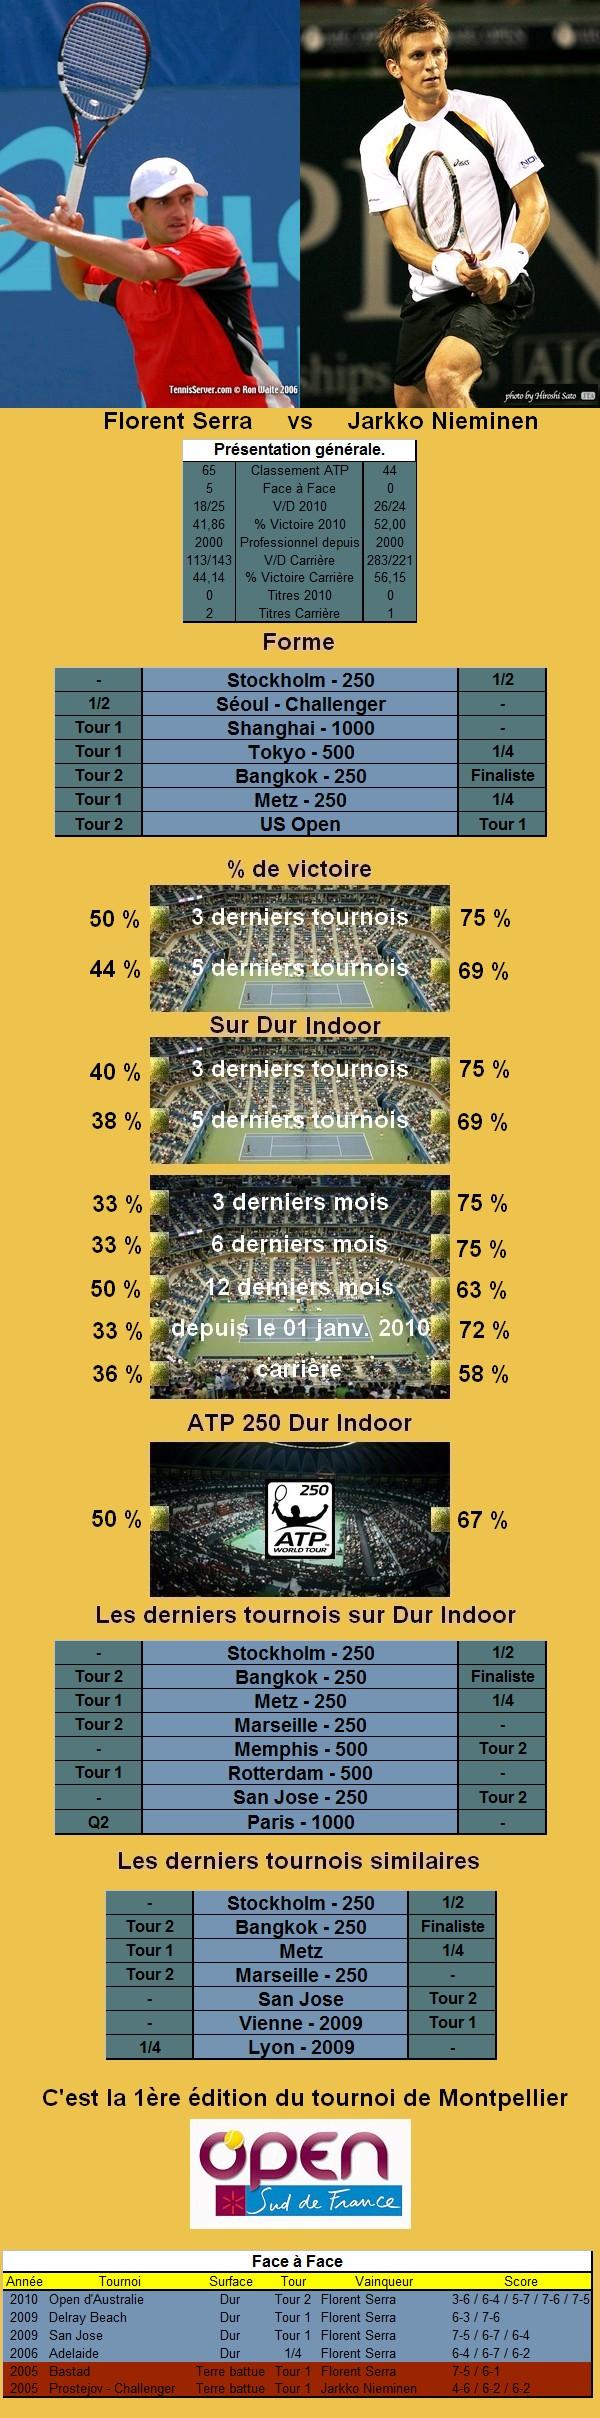 Statistiques tennis de Serra contre Nieminen à Montpellier